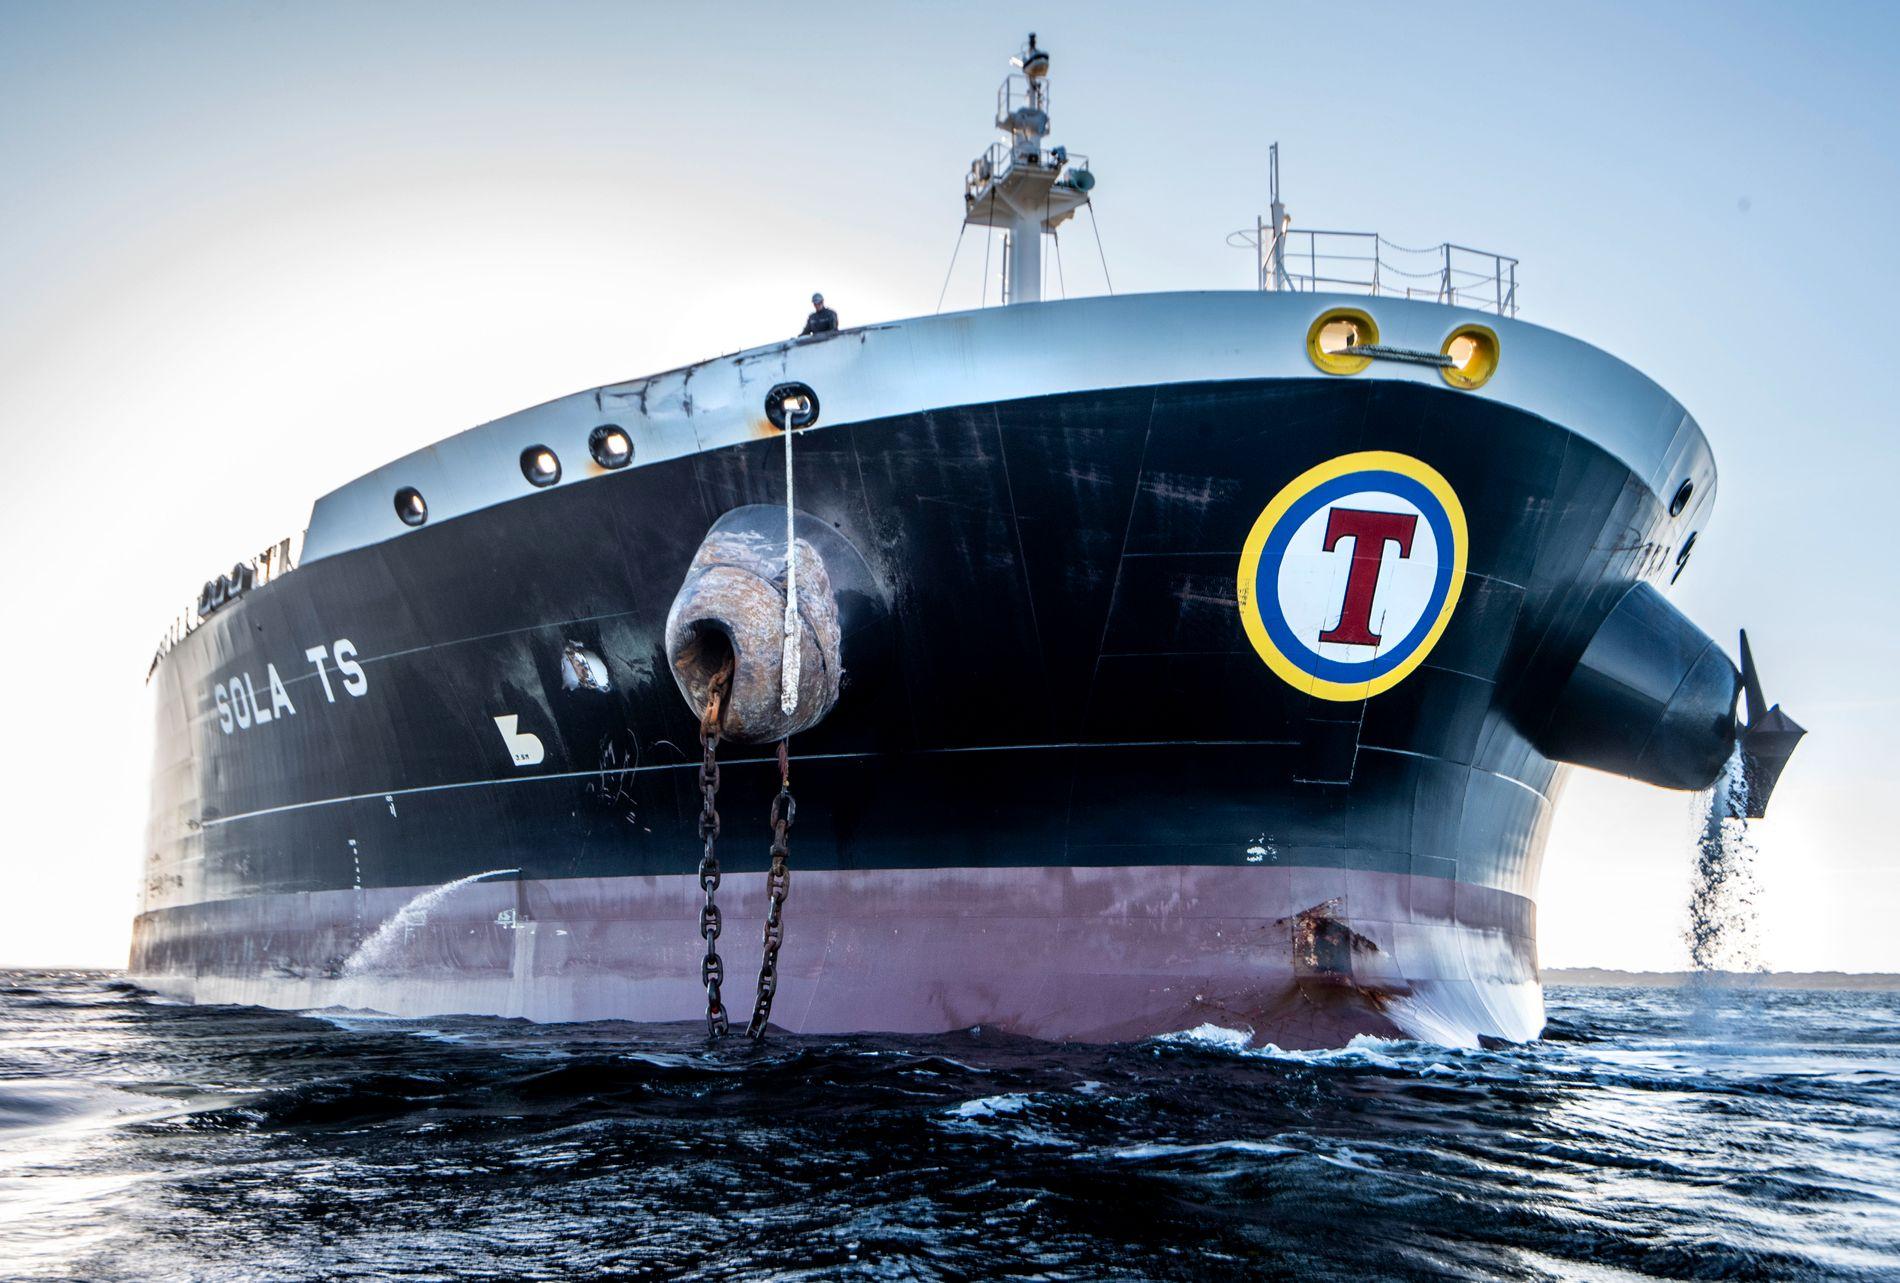 HULL: Tankskipet «Sola TS» har tydelige skader på ankerklysset på styrbord side (venstre side på bildet) og et hull i skutesiden like bak, etter sammenstøtet med KNM «Helge Ingstad». Ellers kom tankskipet relativt uskadet fra sammenstøtet.